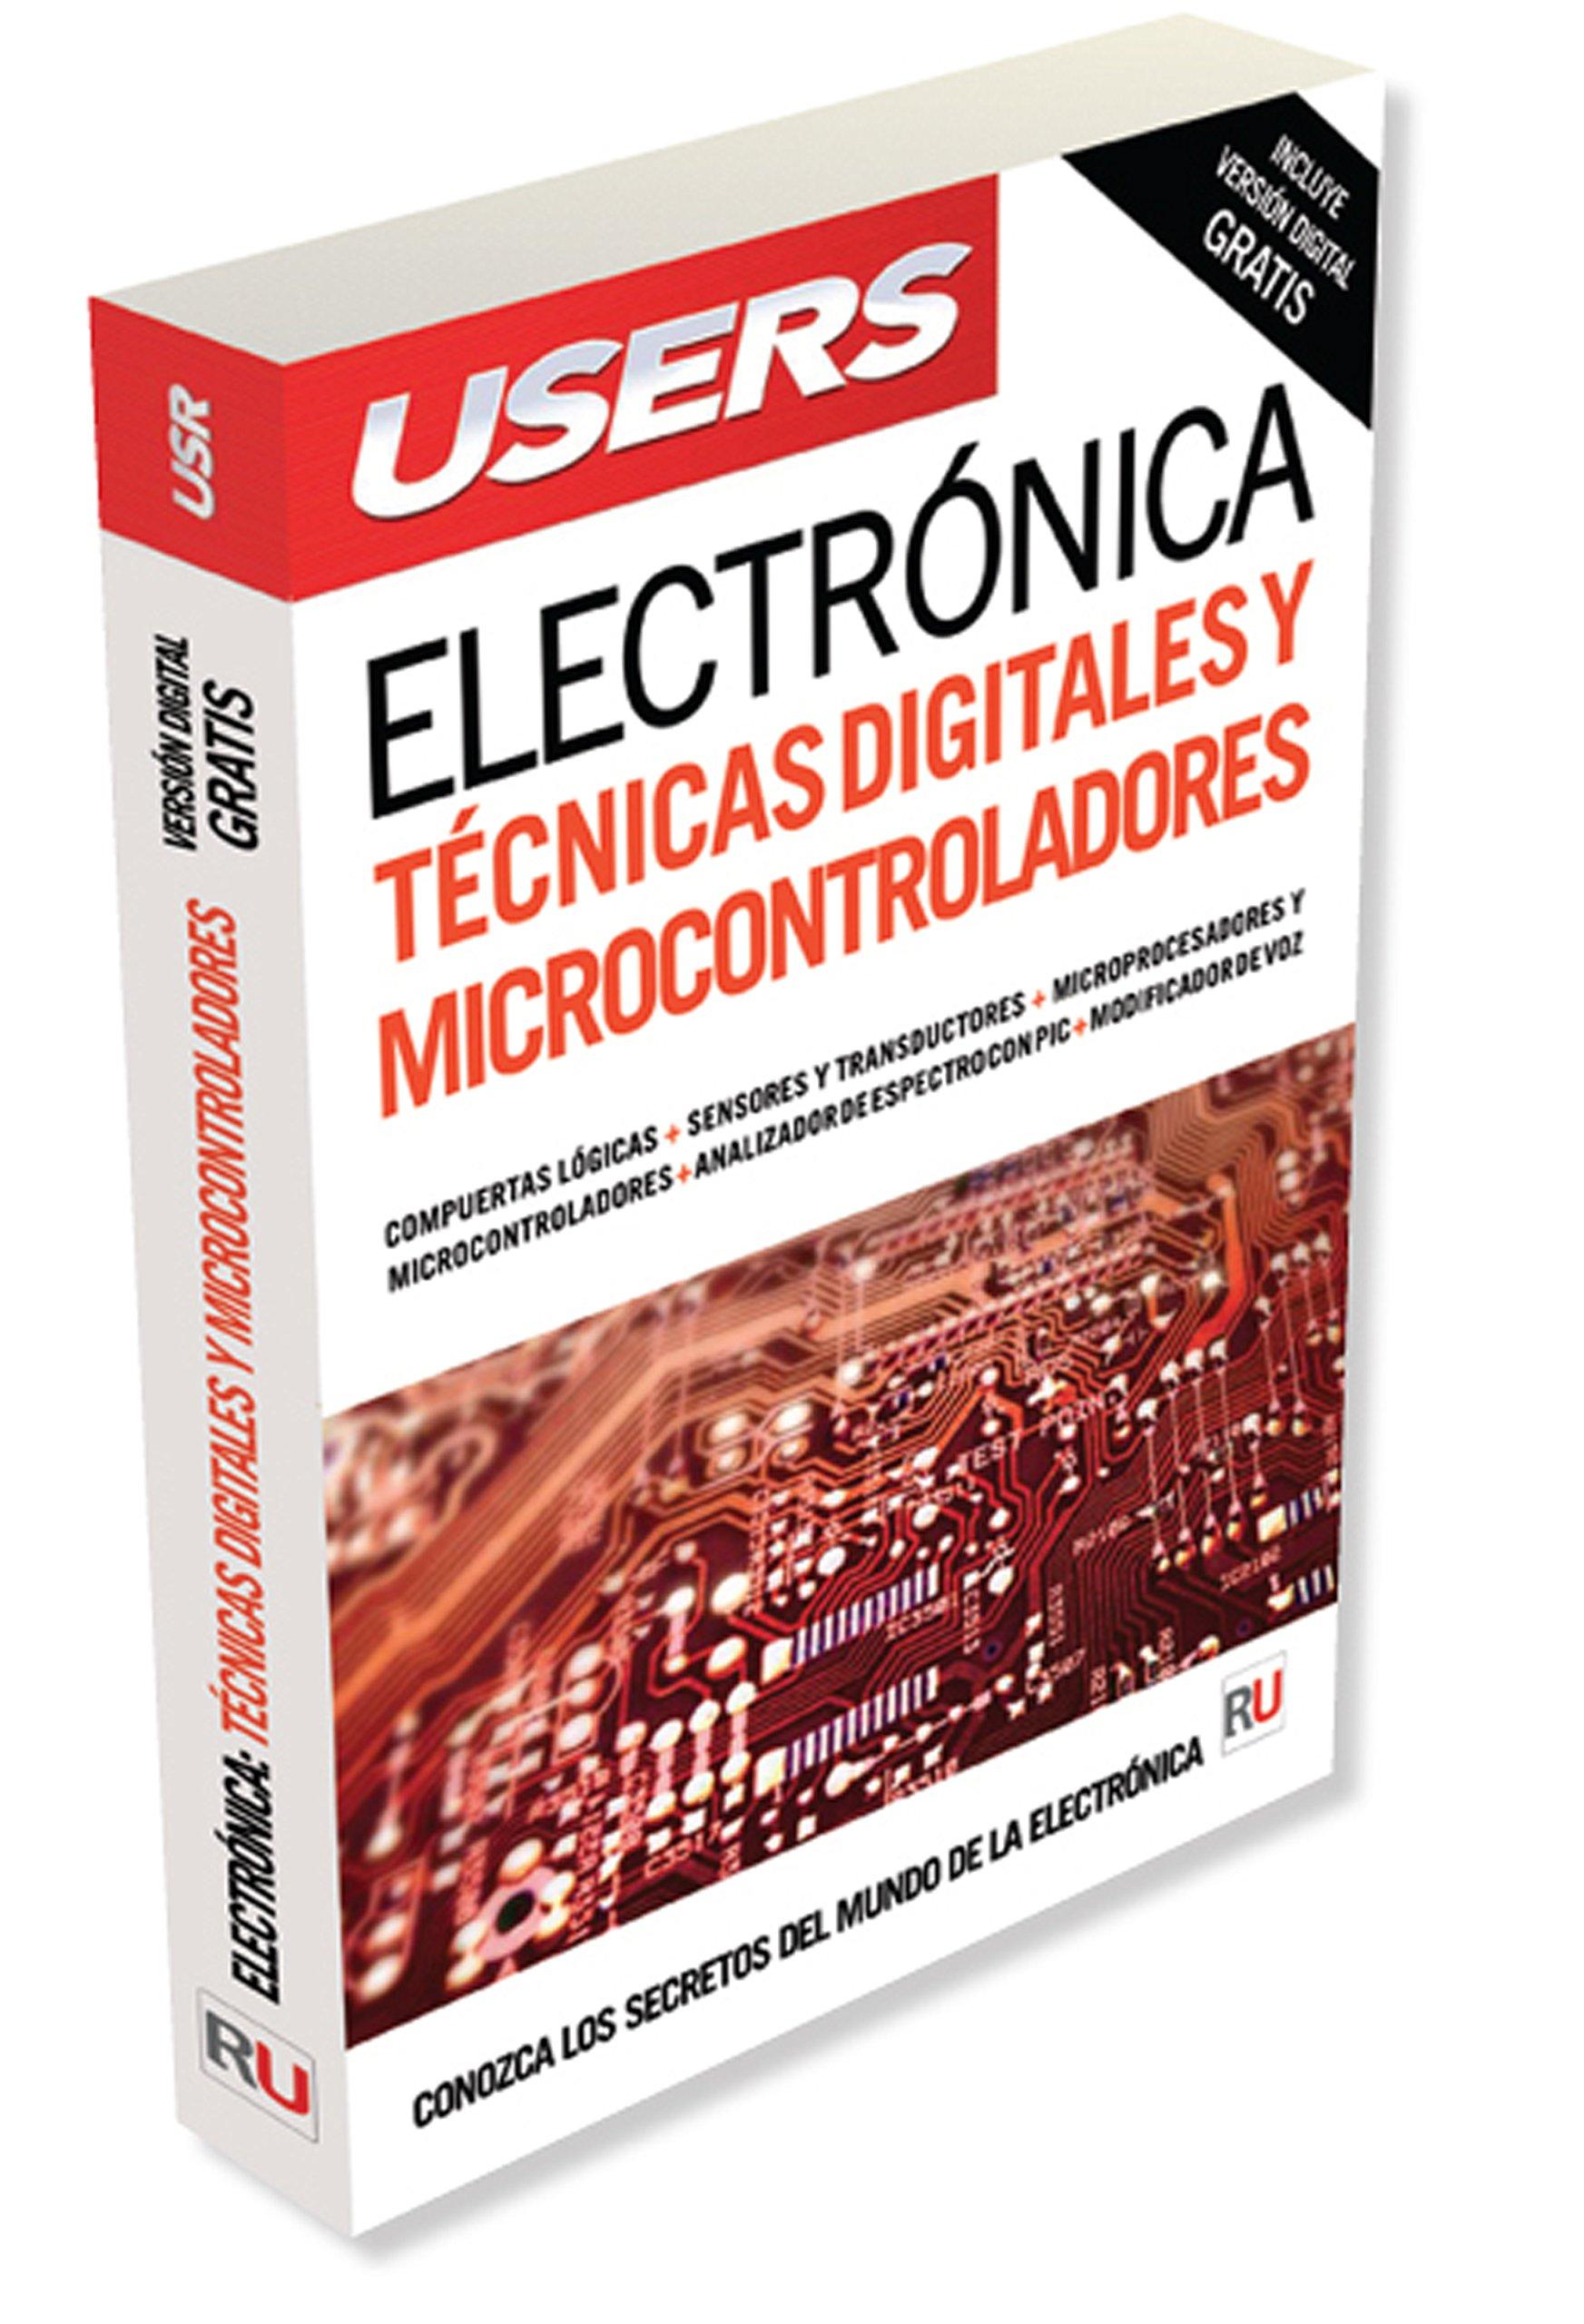 Electrónica: técnicas digitales y microcontroladores (Spanish Edition): Users Staff, USERS, Español Espanol Espaniol, Libro libros Manual computación ...